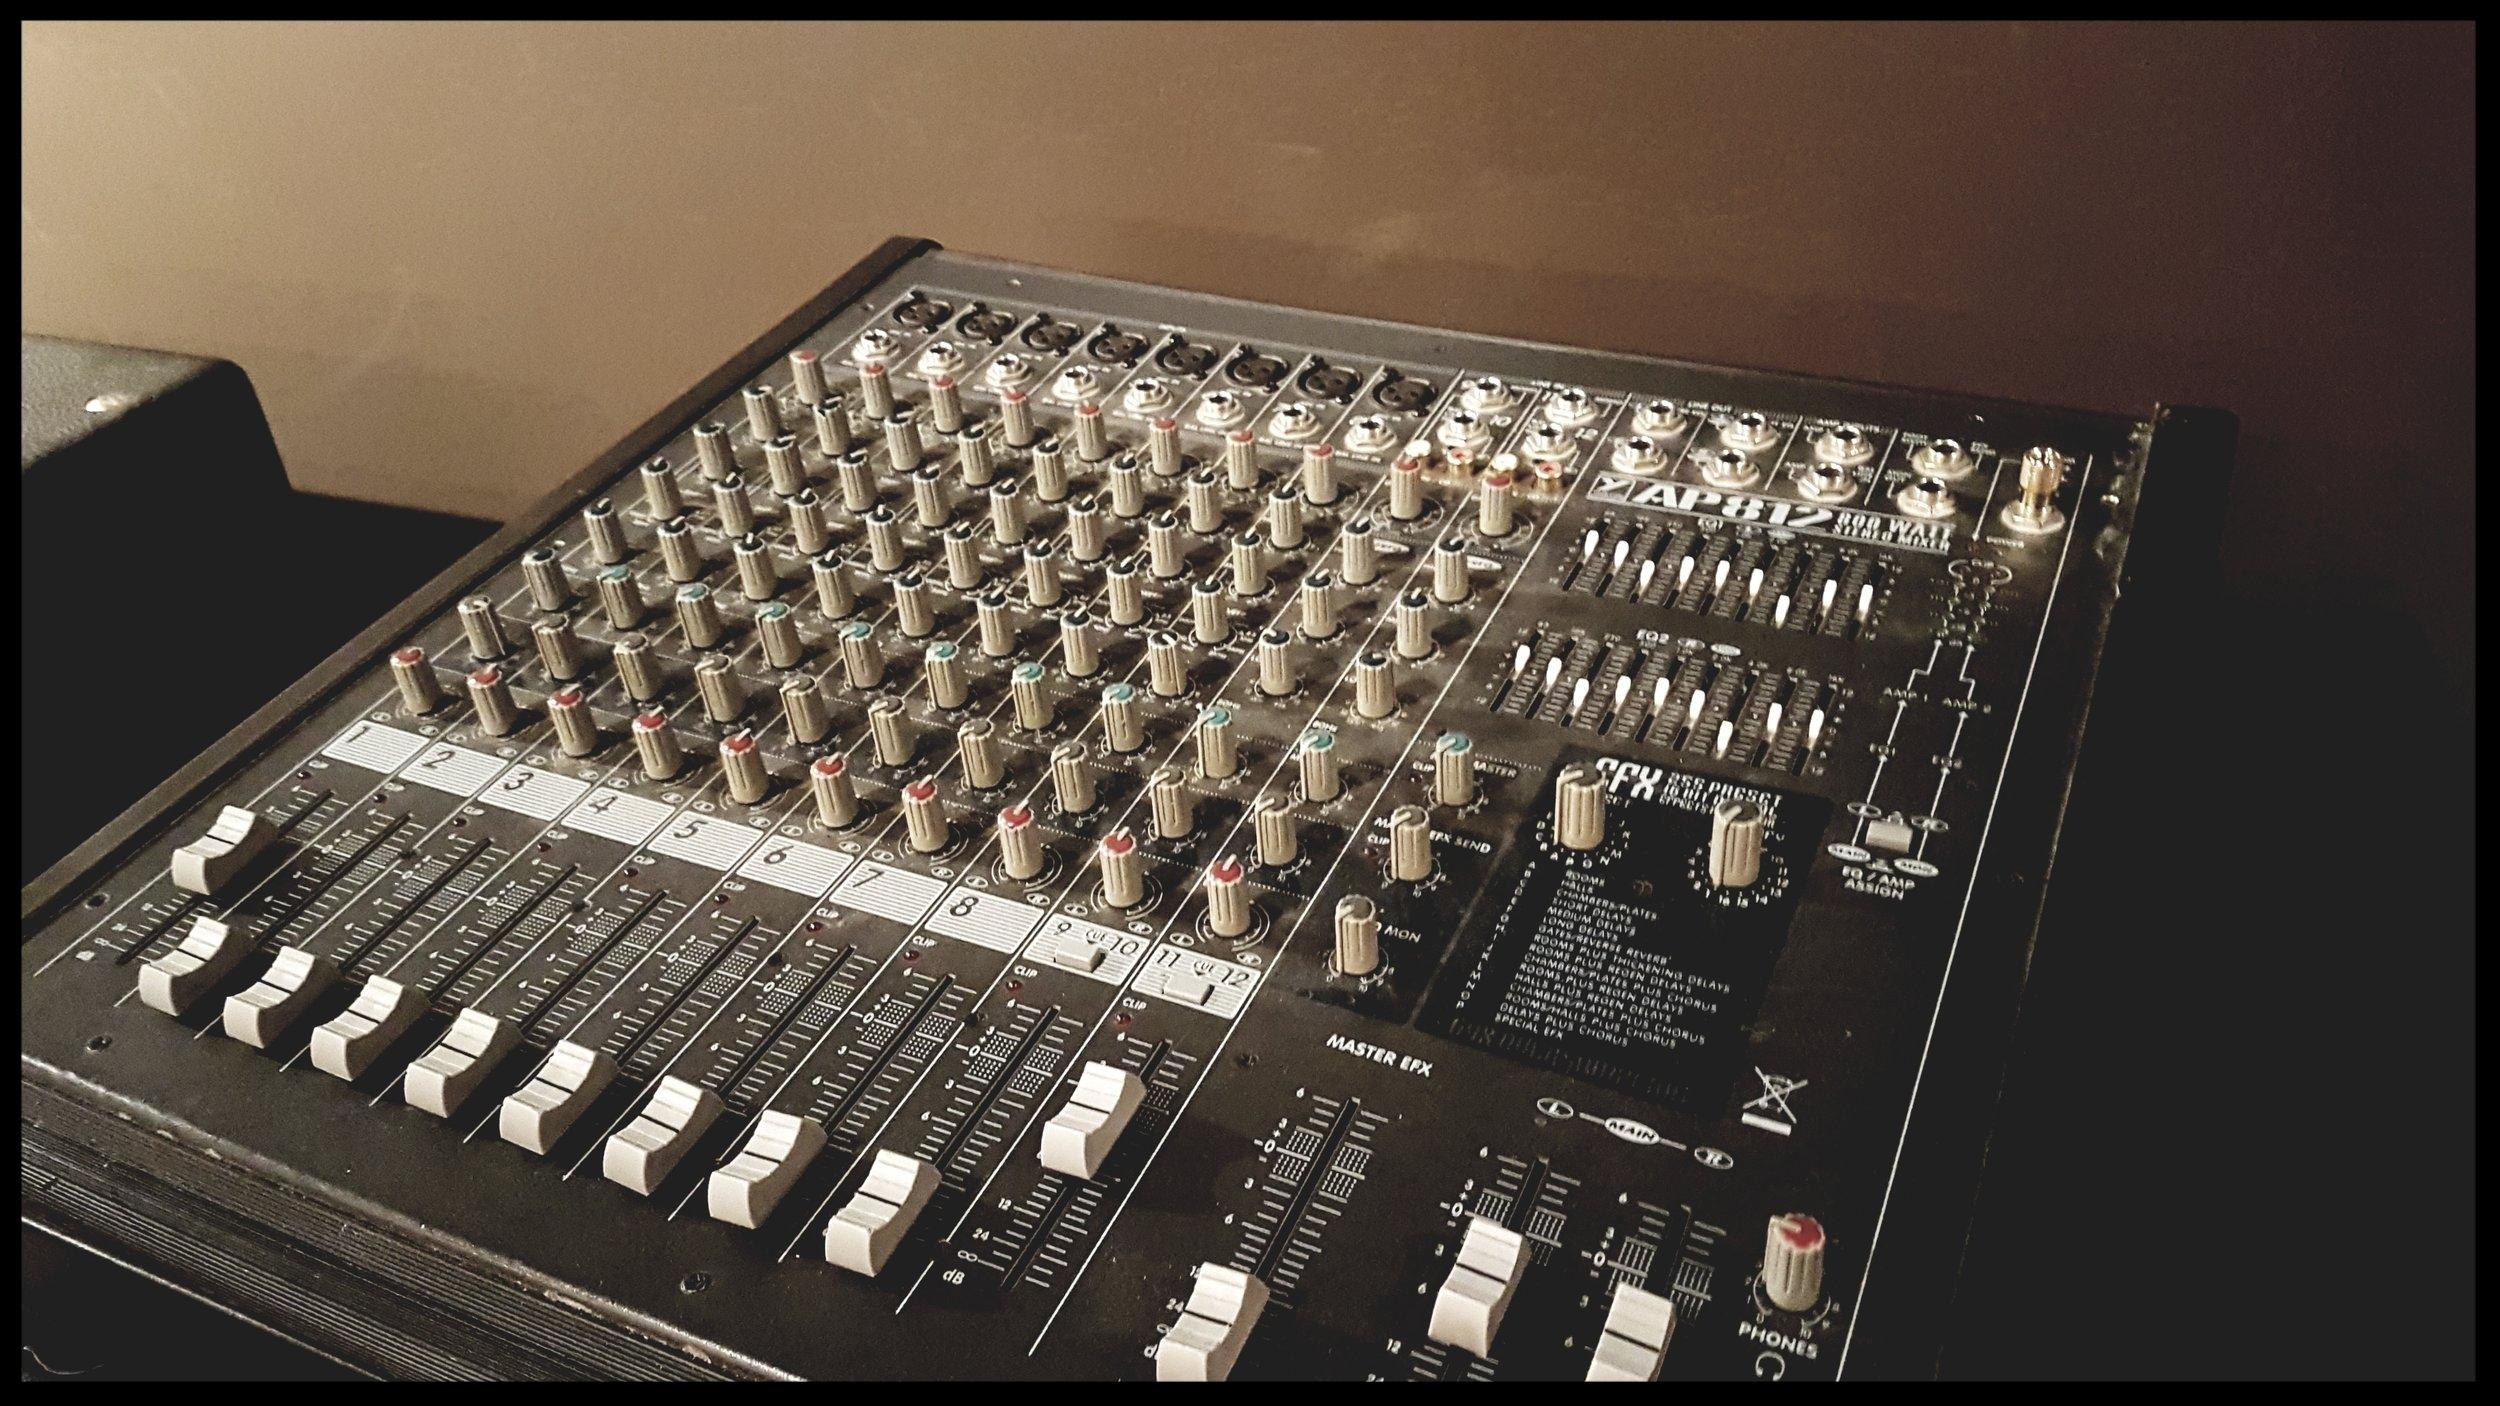 Yorkville AP812 power mixer